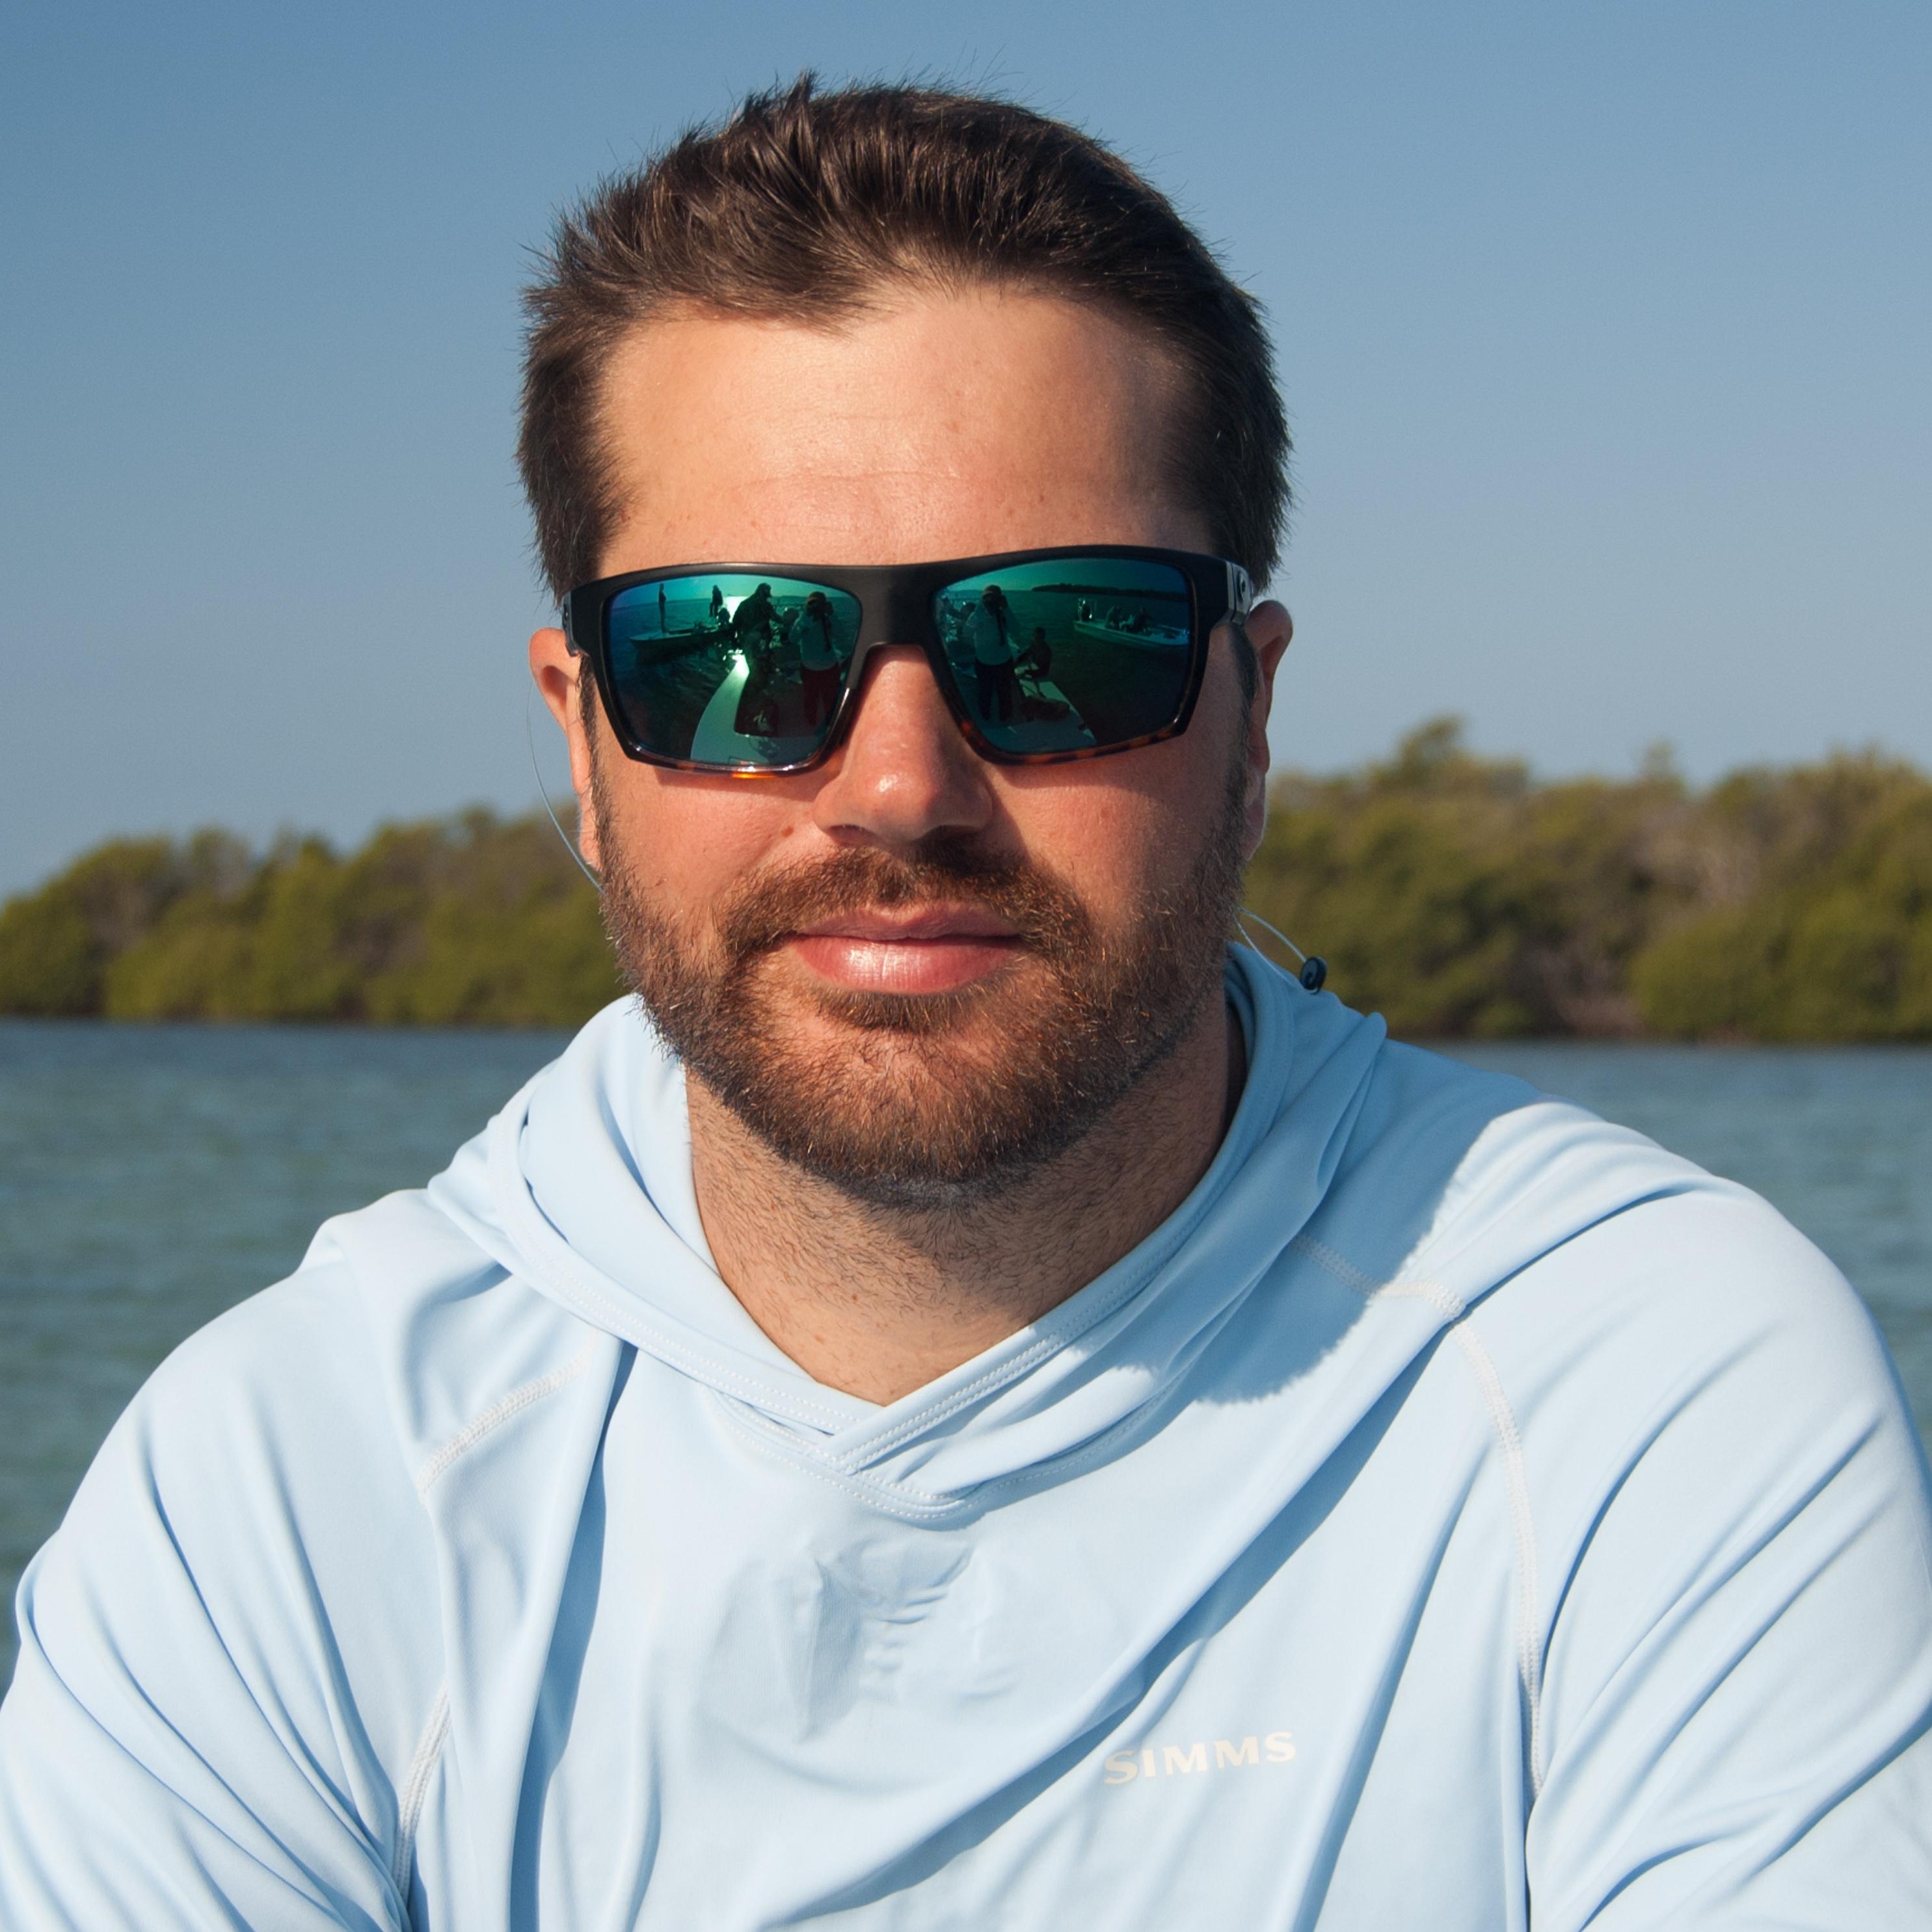 Captain Jordan Carter